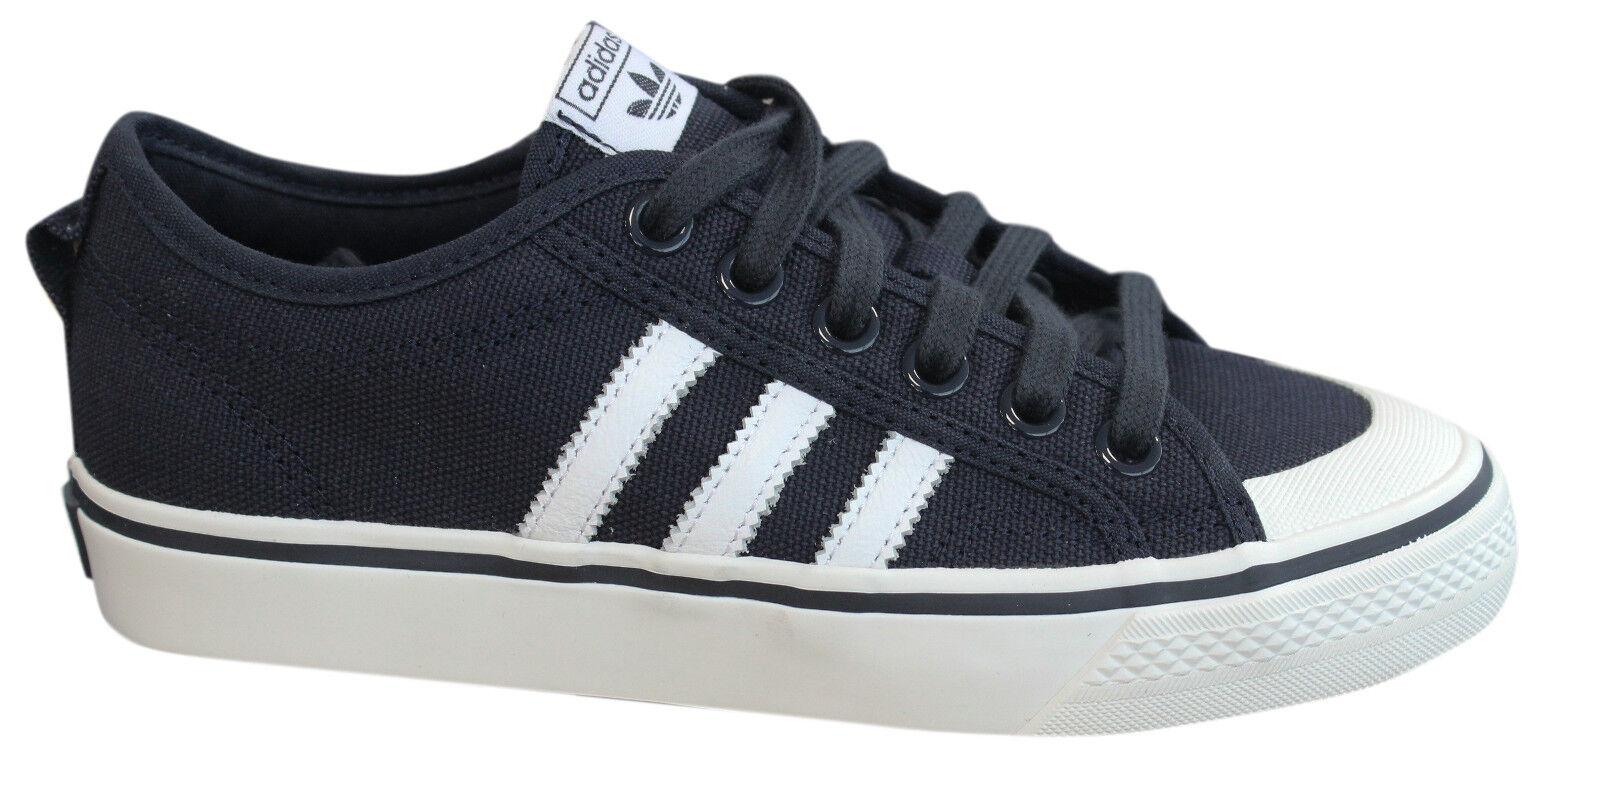 factory authentic 46a3d 0aa7b Adidas Originals Nizza Mens Trainers